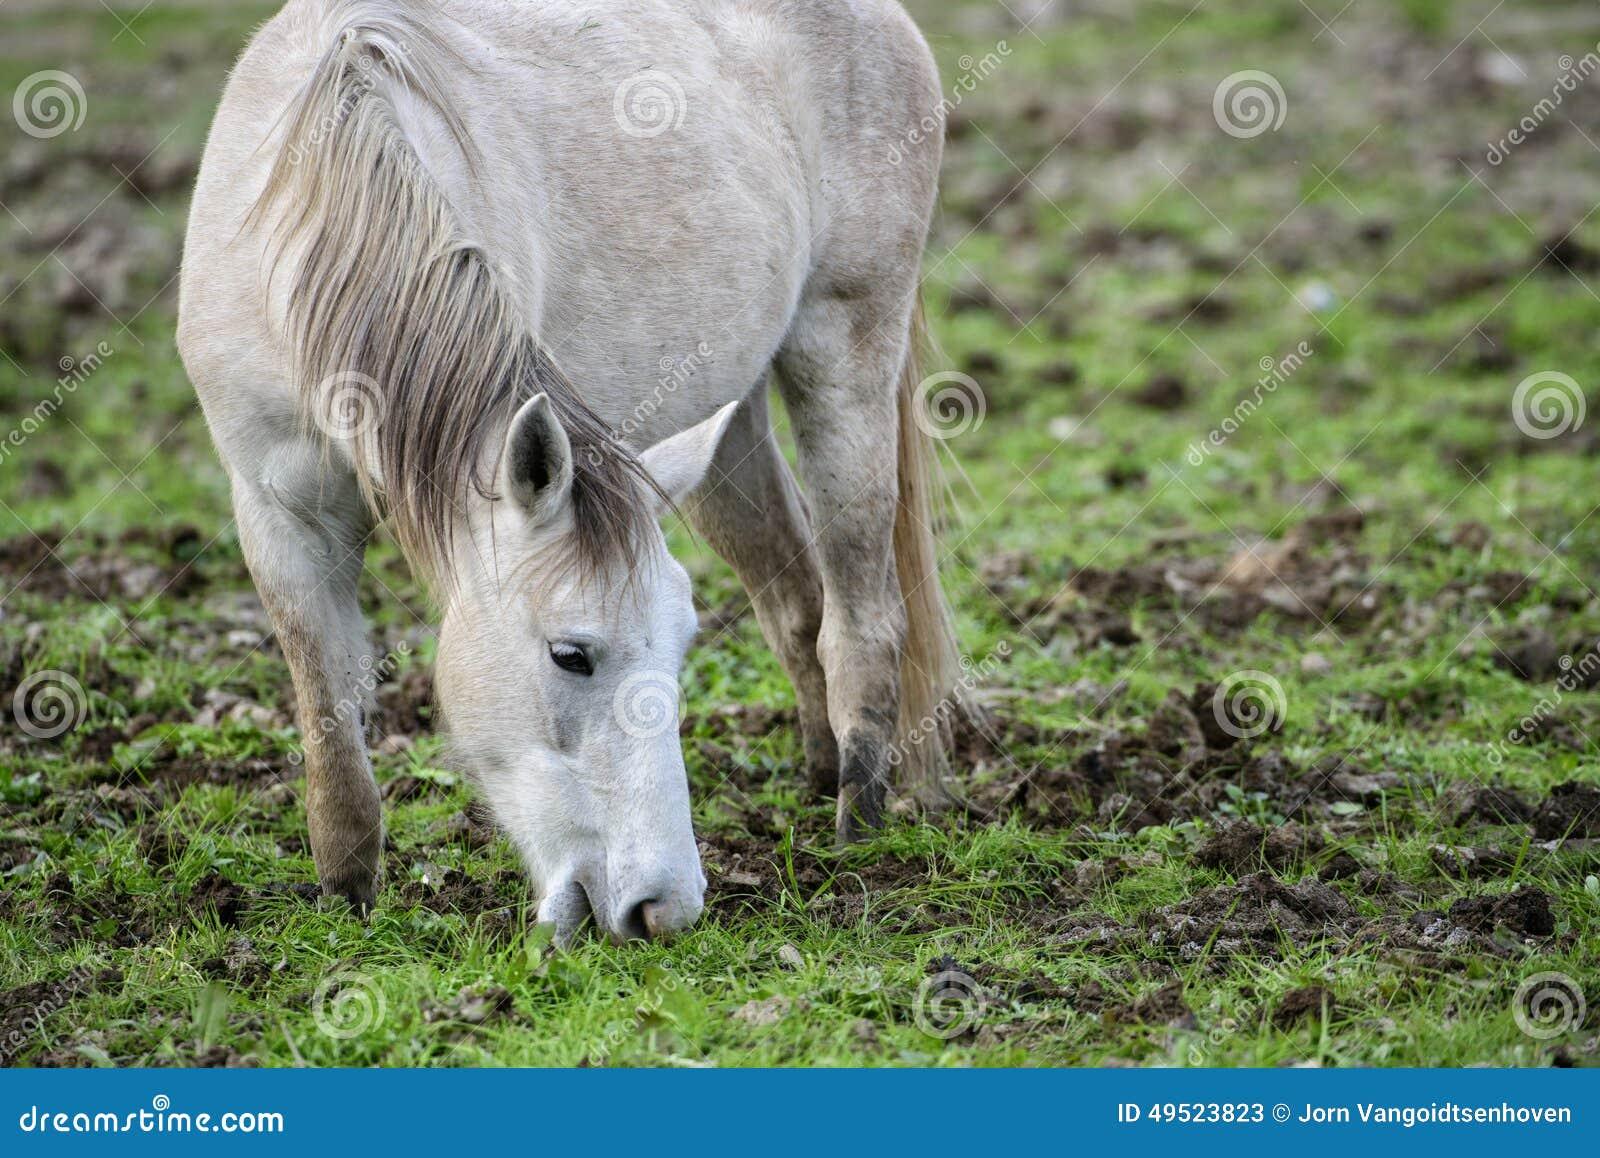 Salt River wilder Pferdeportrait